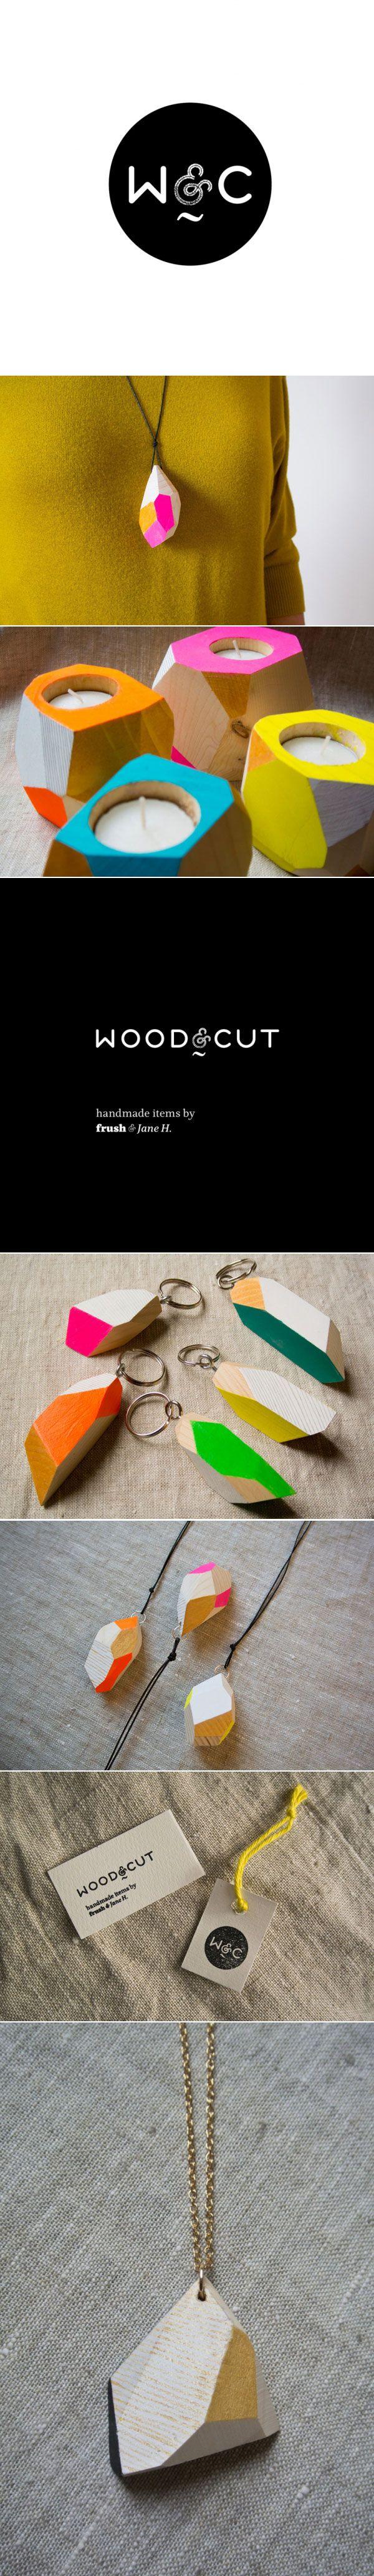 Branding for Wood&Co via iamthelab.com